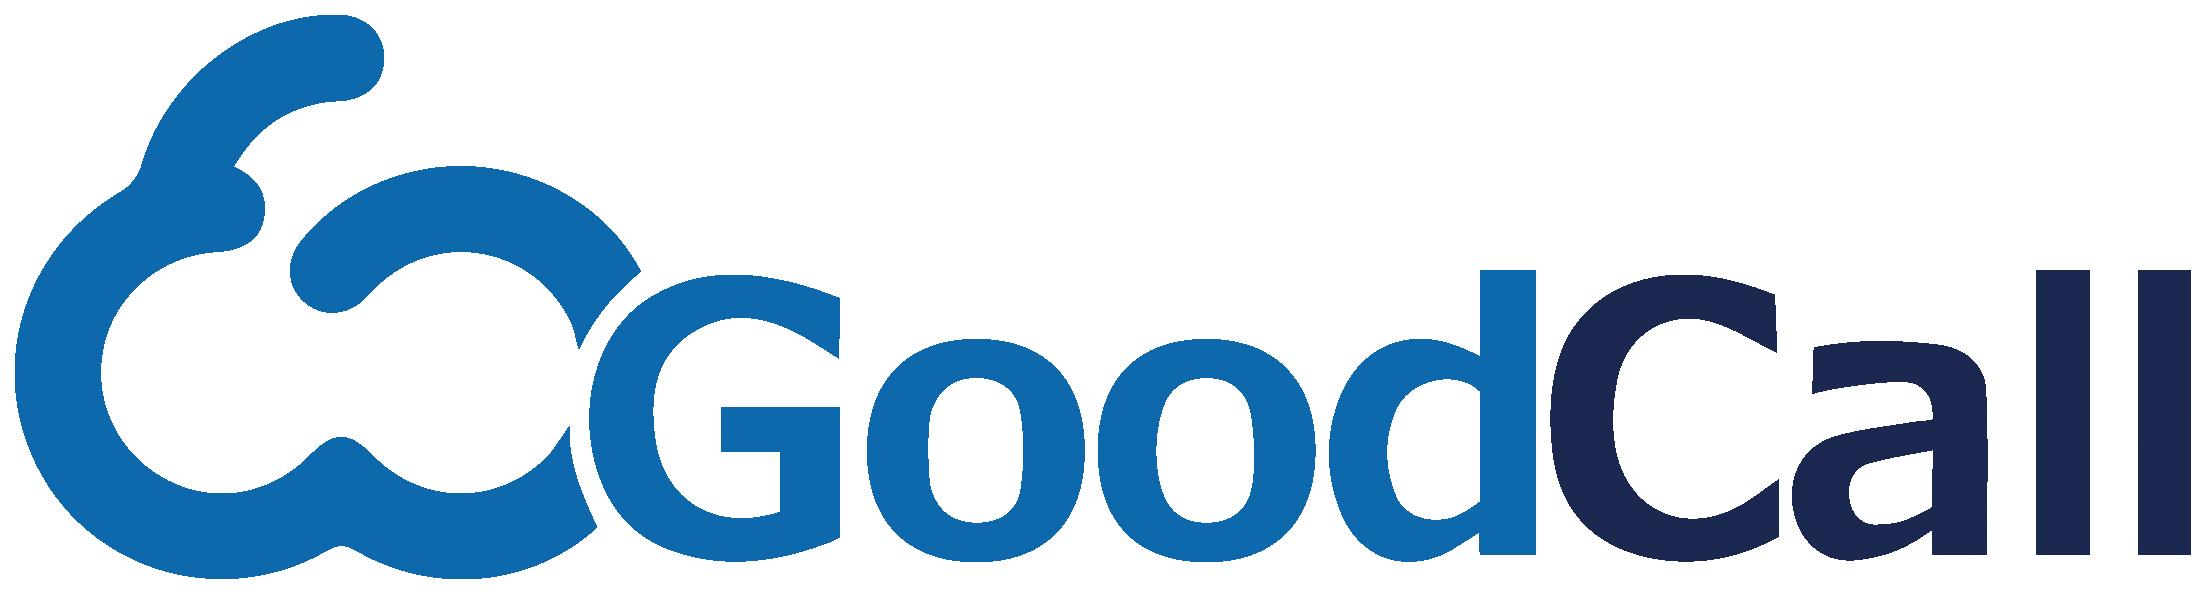 GoodCall クラウドCTI・クラウド型コールシステム